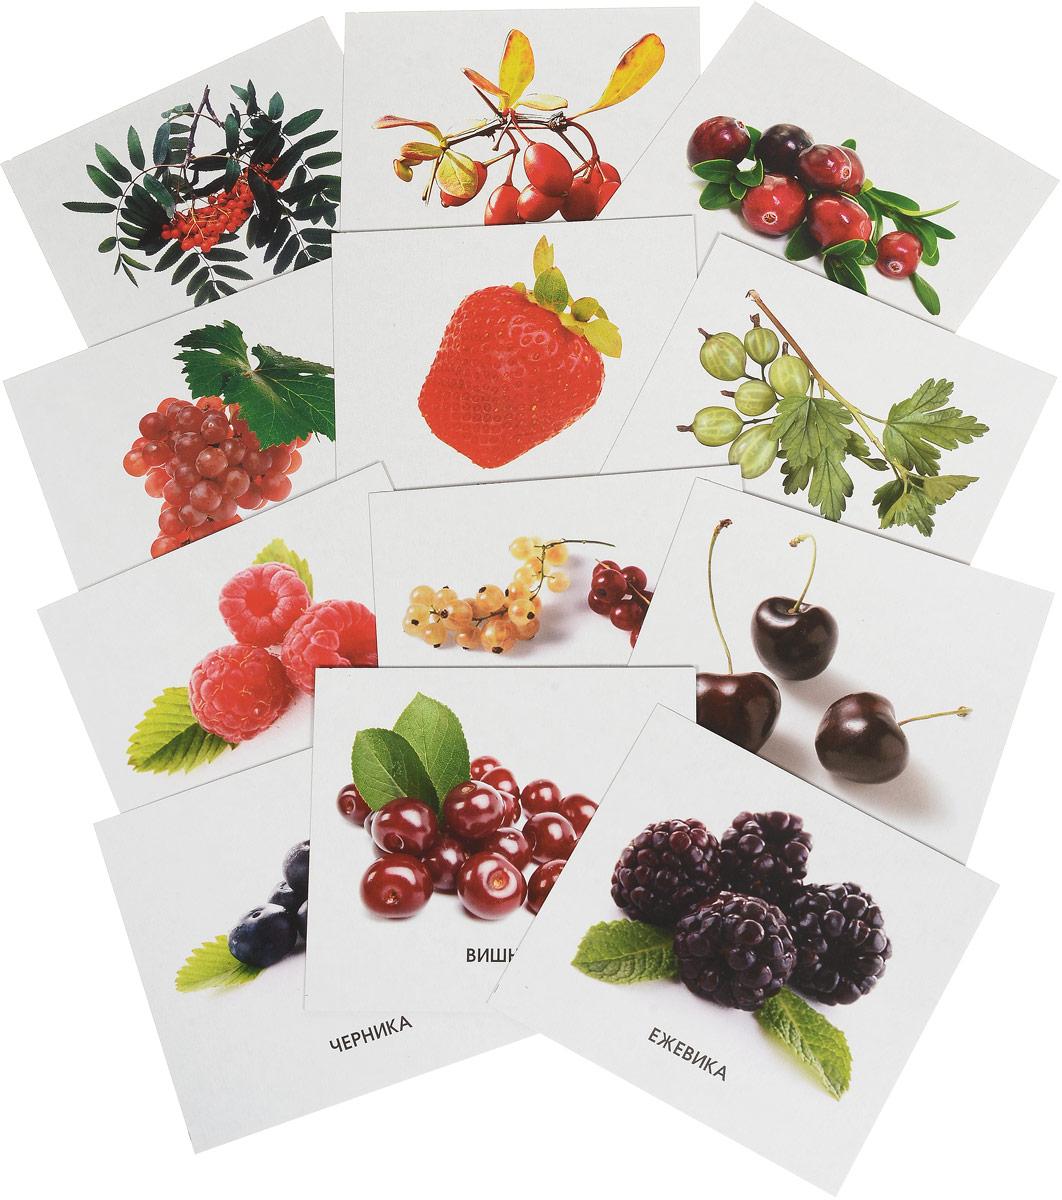 Улыбка Обучающие карточки Ягоды рыжий кот обучающие карточки грибы и ягоды